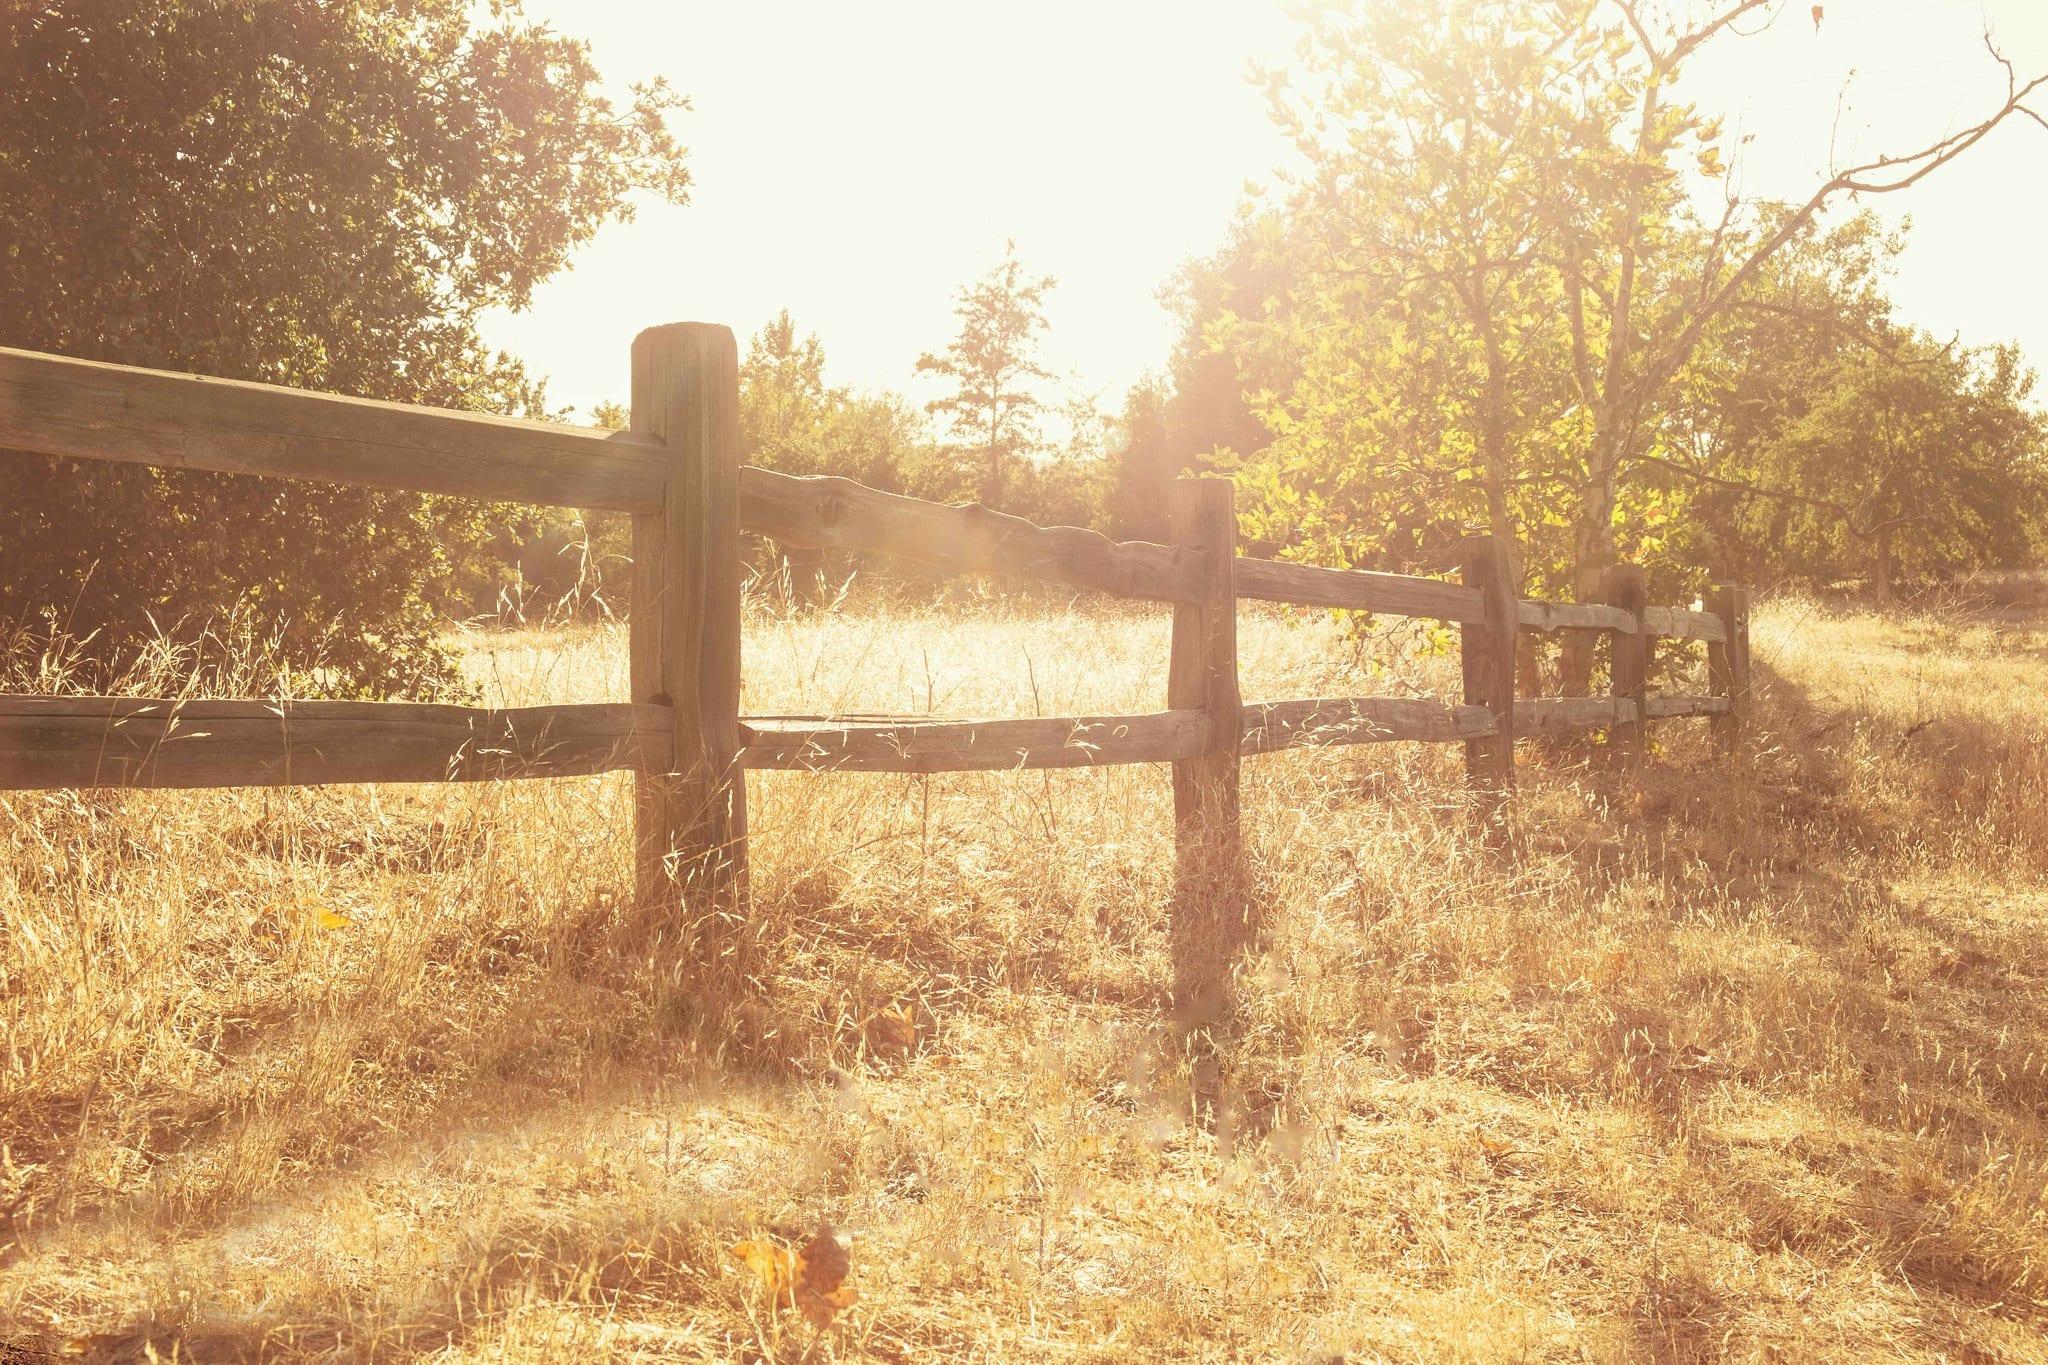 Sycamore Grove Park fence